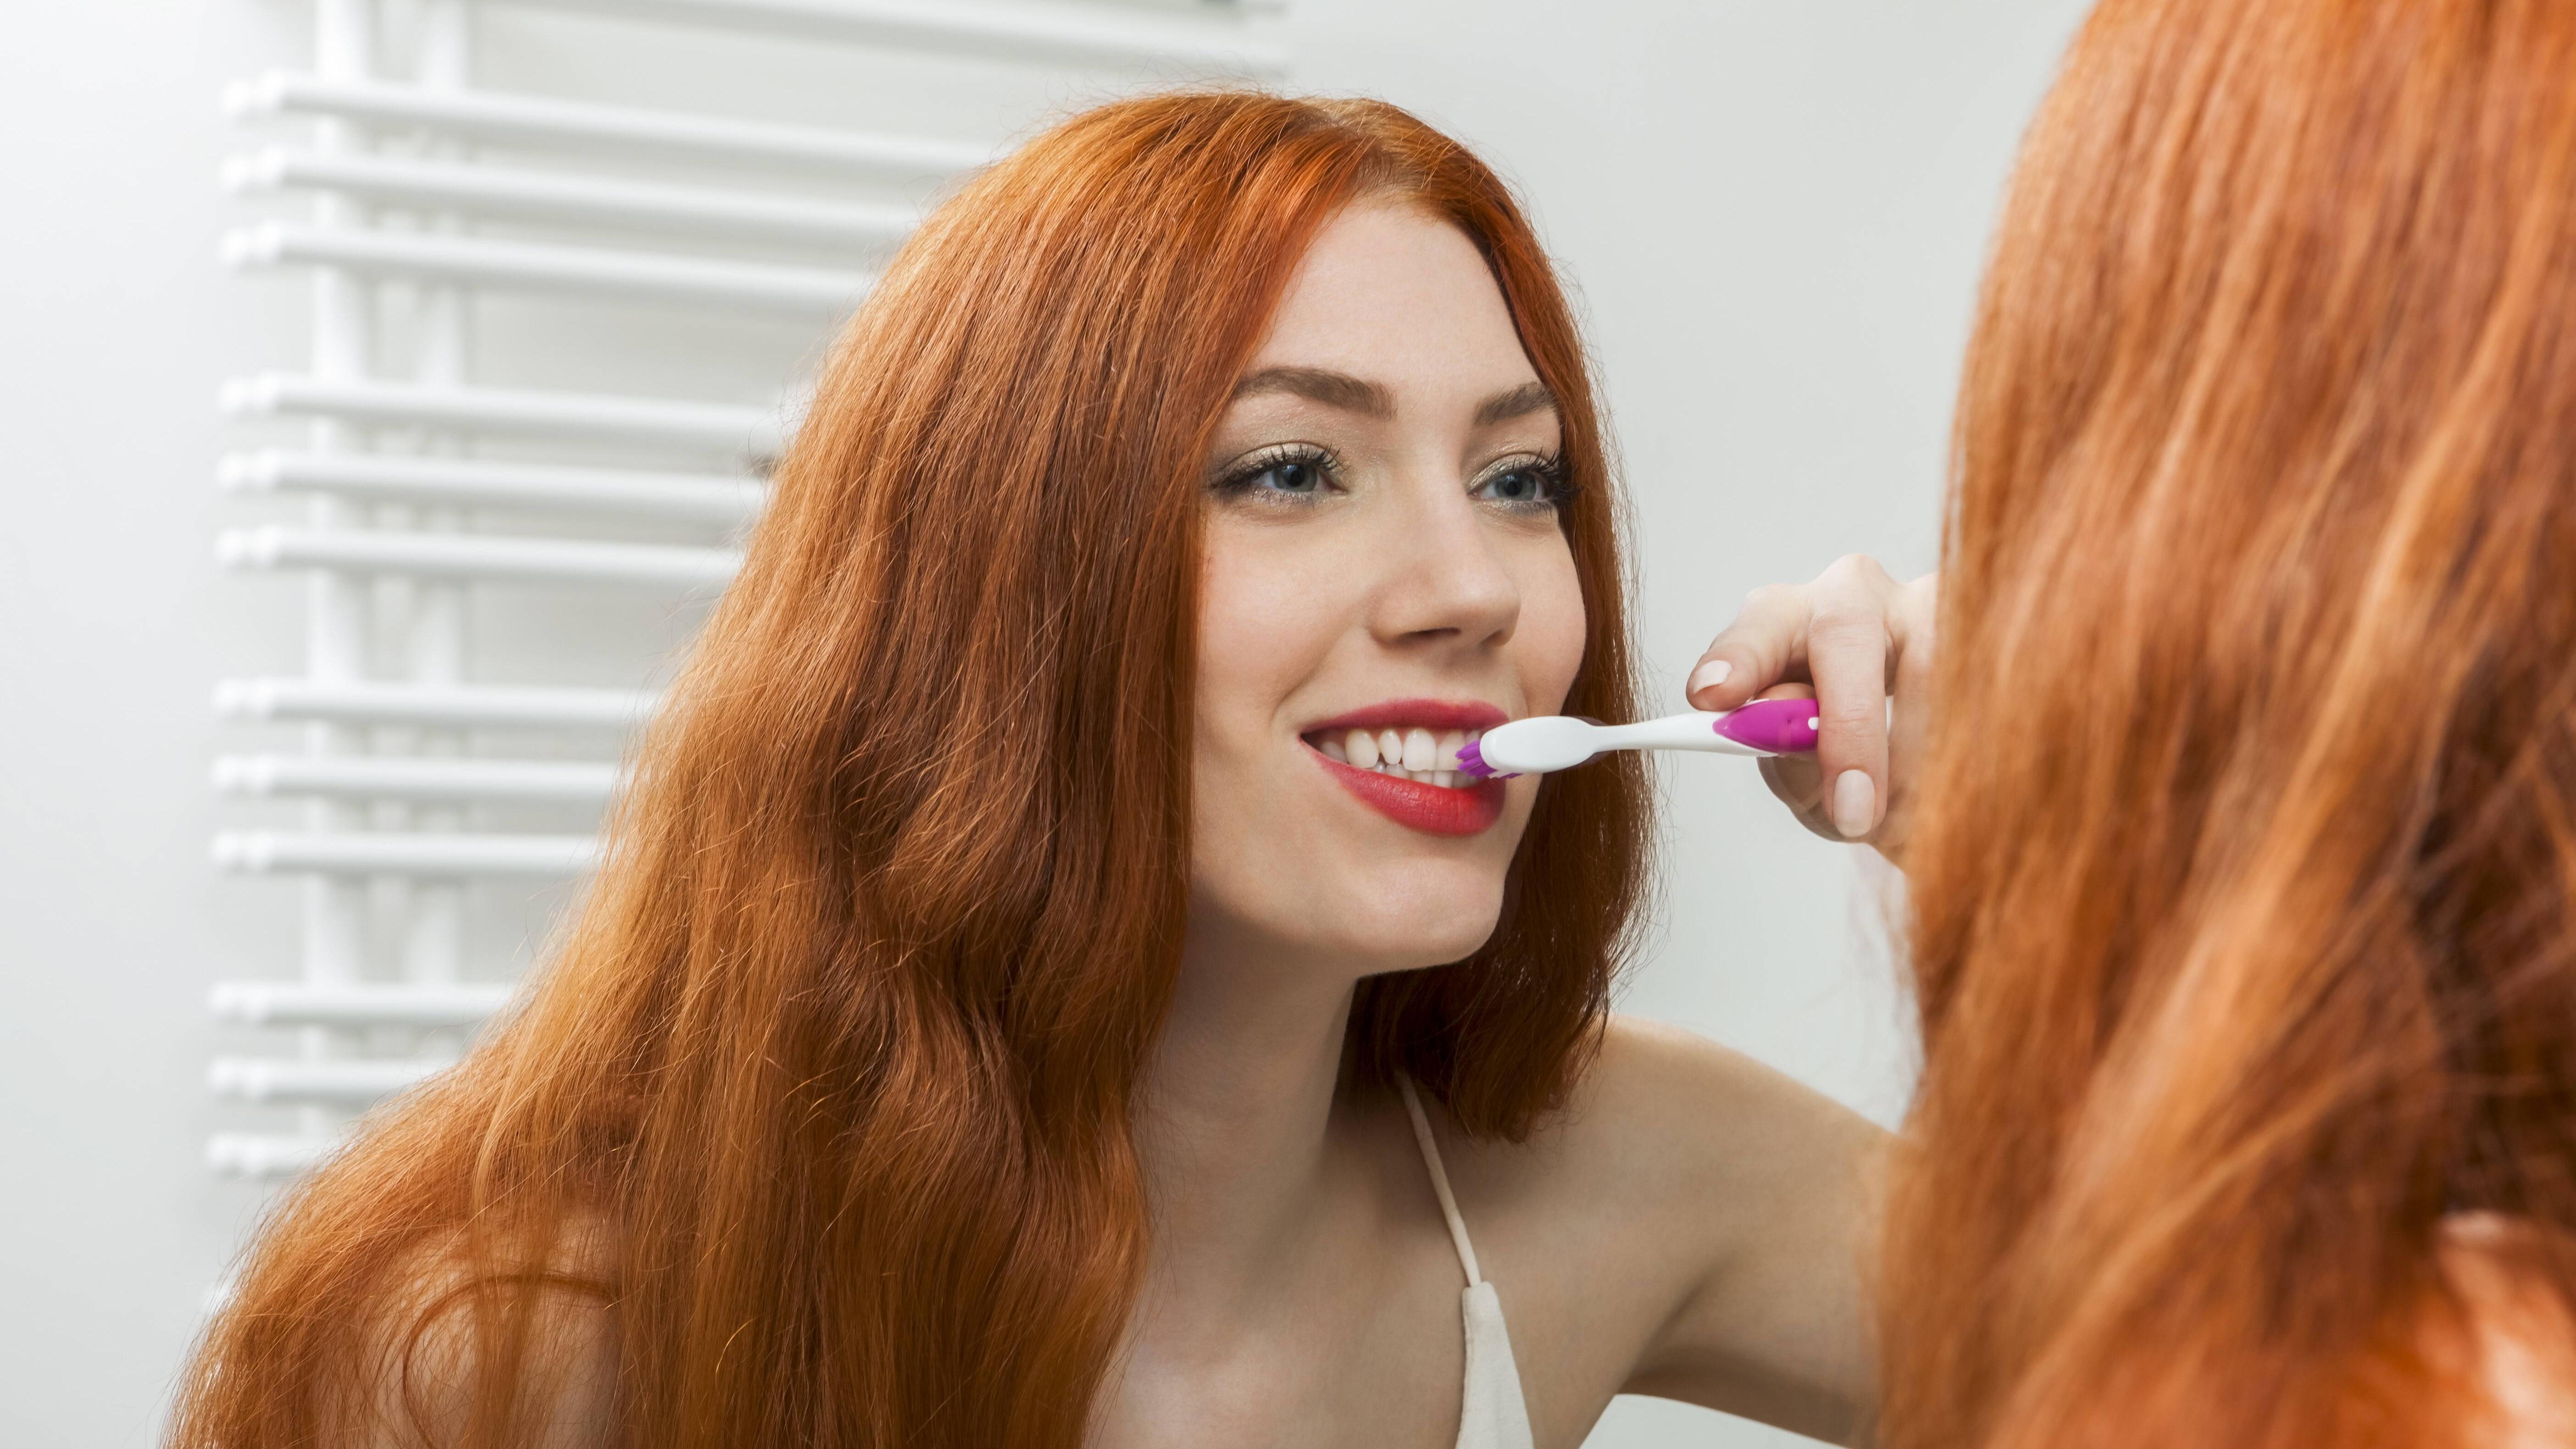 Direkt nach dem Zähneputzen essen? Tipps und Hinweise